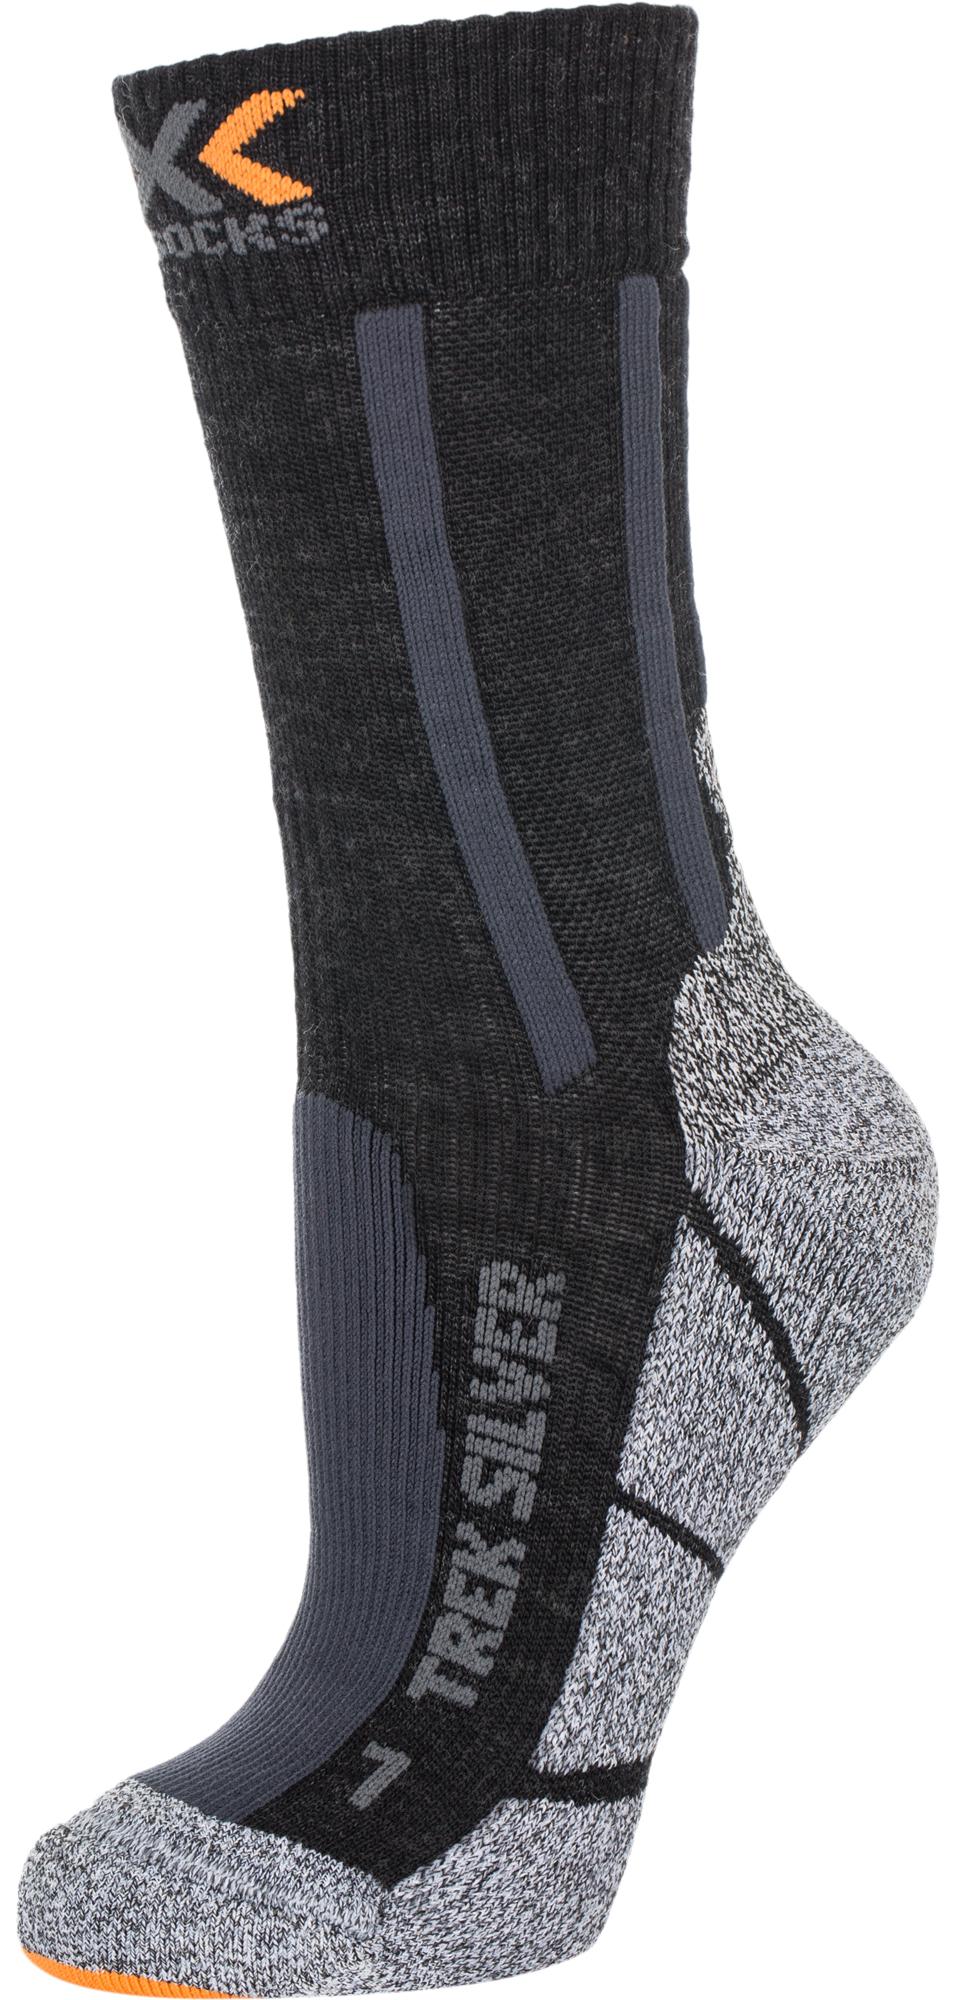 X-Socks Носки X-Socks, 1 пара, размер 39-41 цена